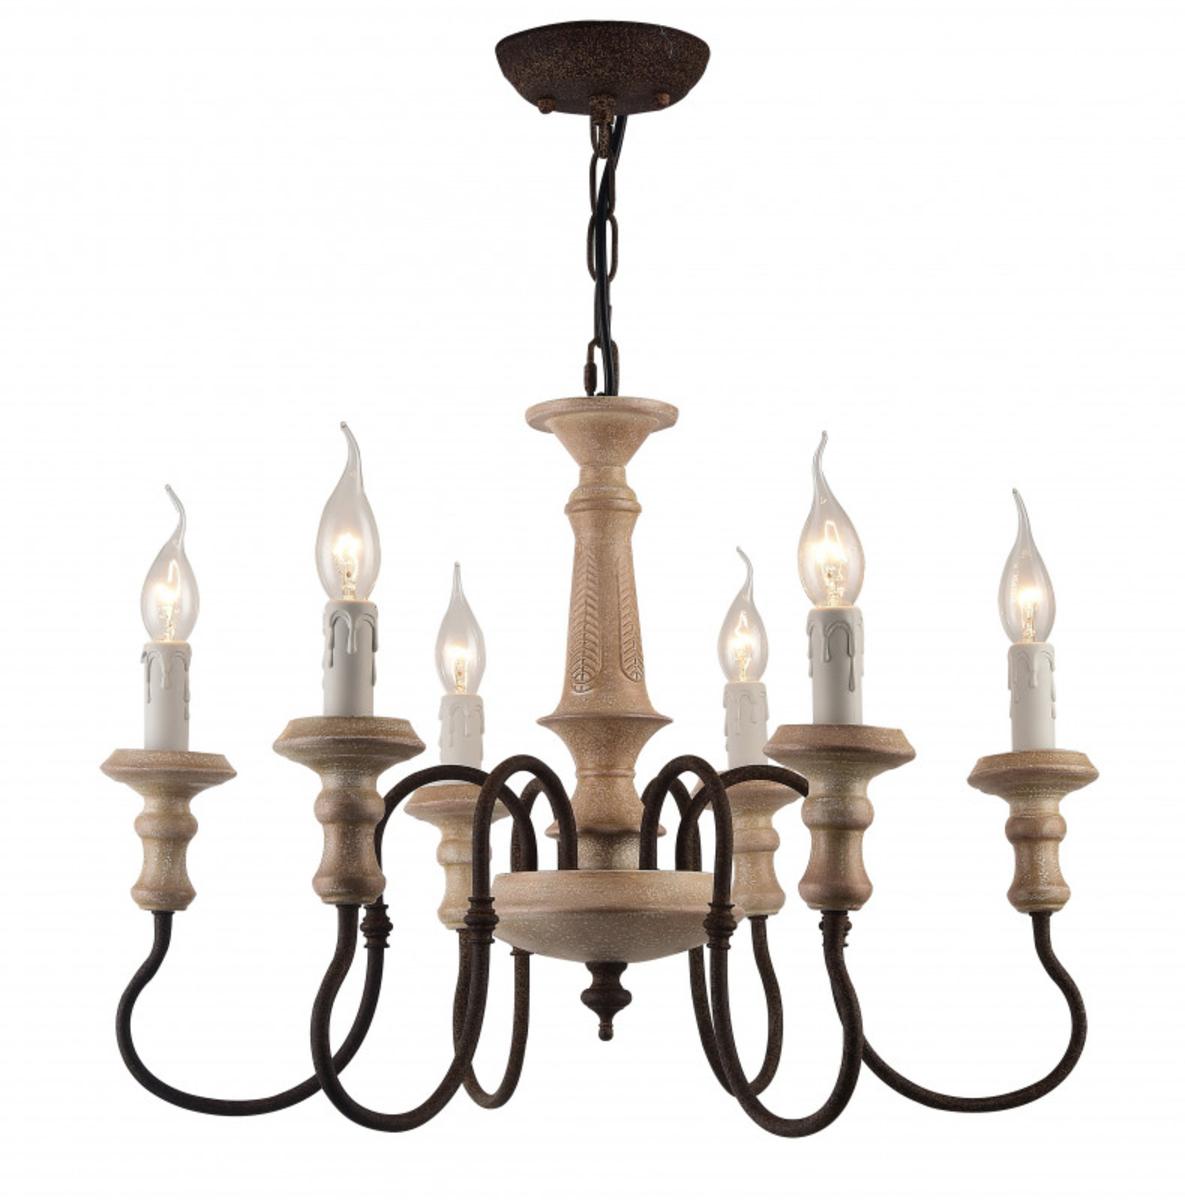 Купить Подвесная люстра Woodstock Подвесная люстра ARTE Lamp A1700LM-6BR (13775), HomeMe